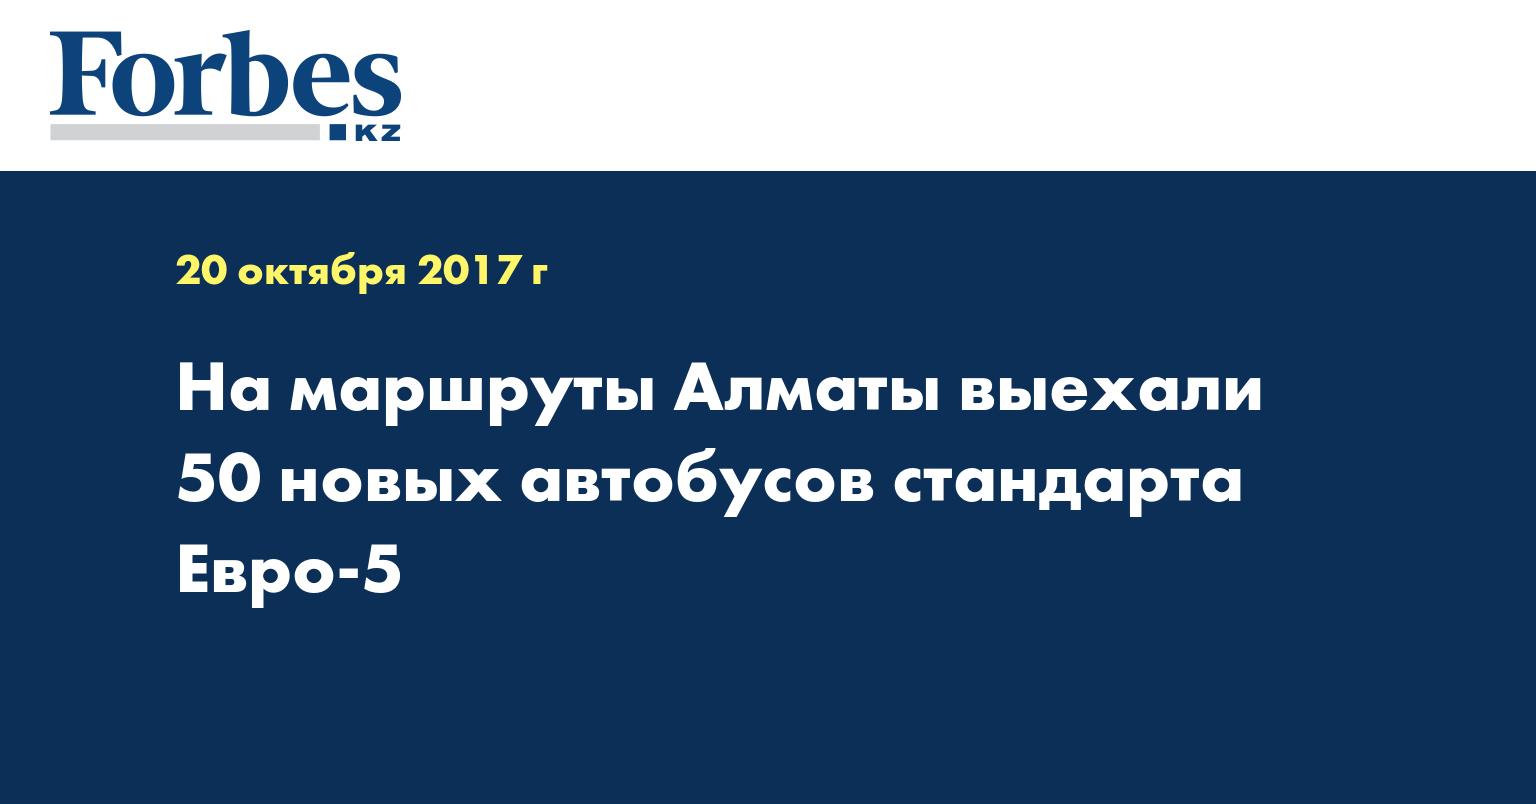 На маршруты Алматы выехали 50 новых автобусов стандарта Евро-5